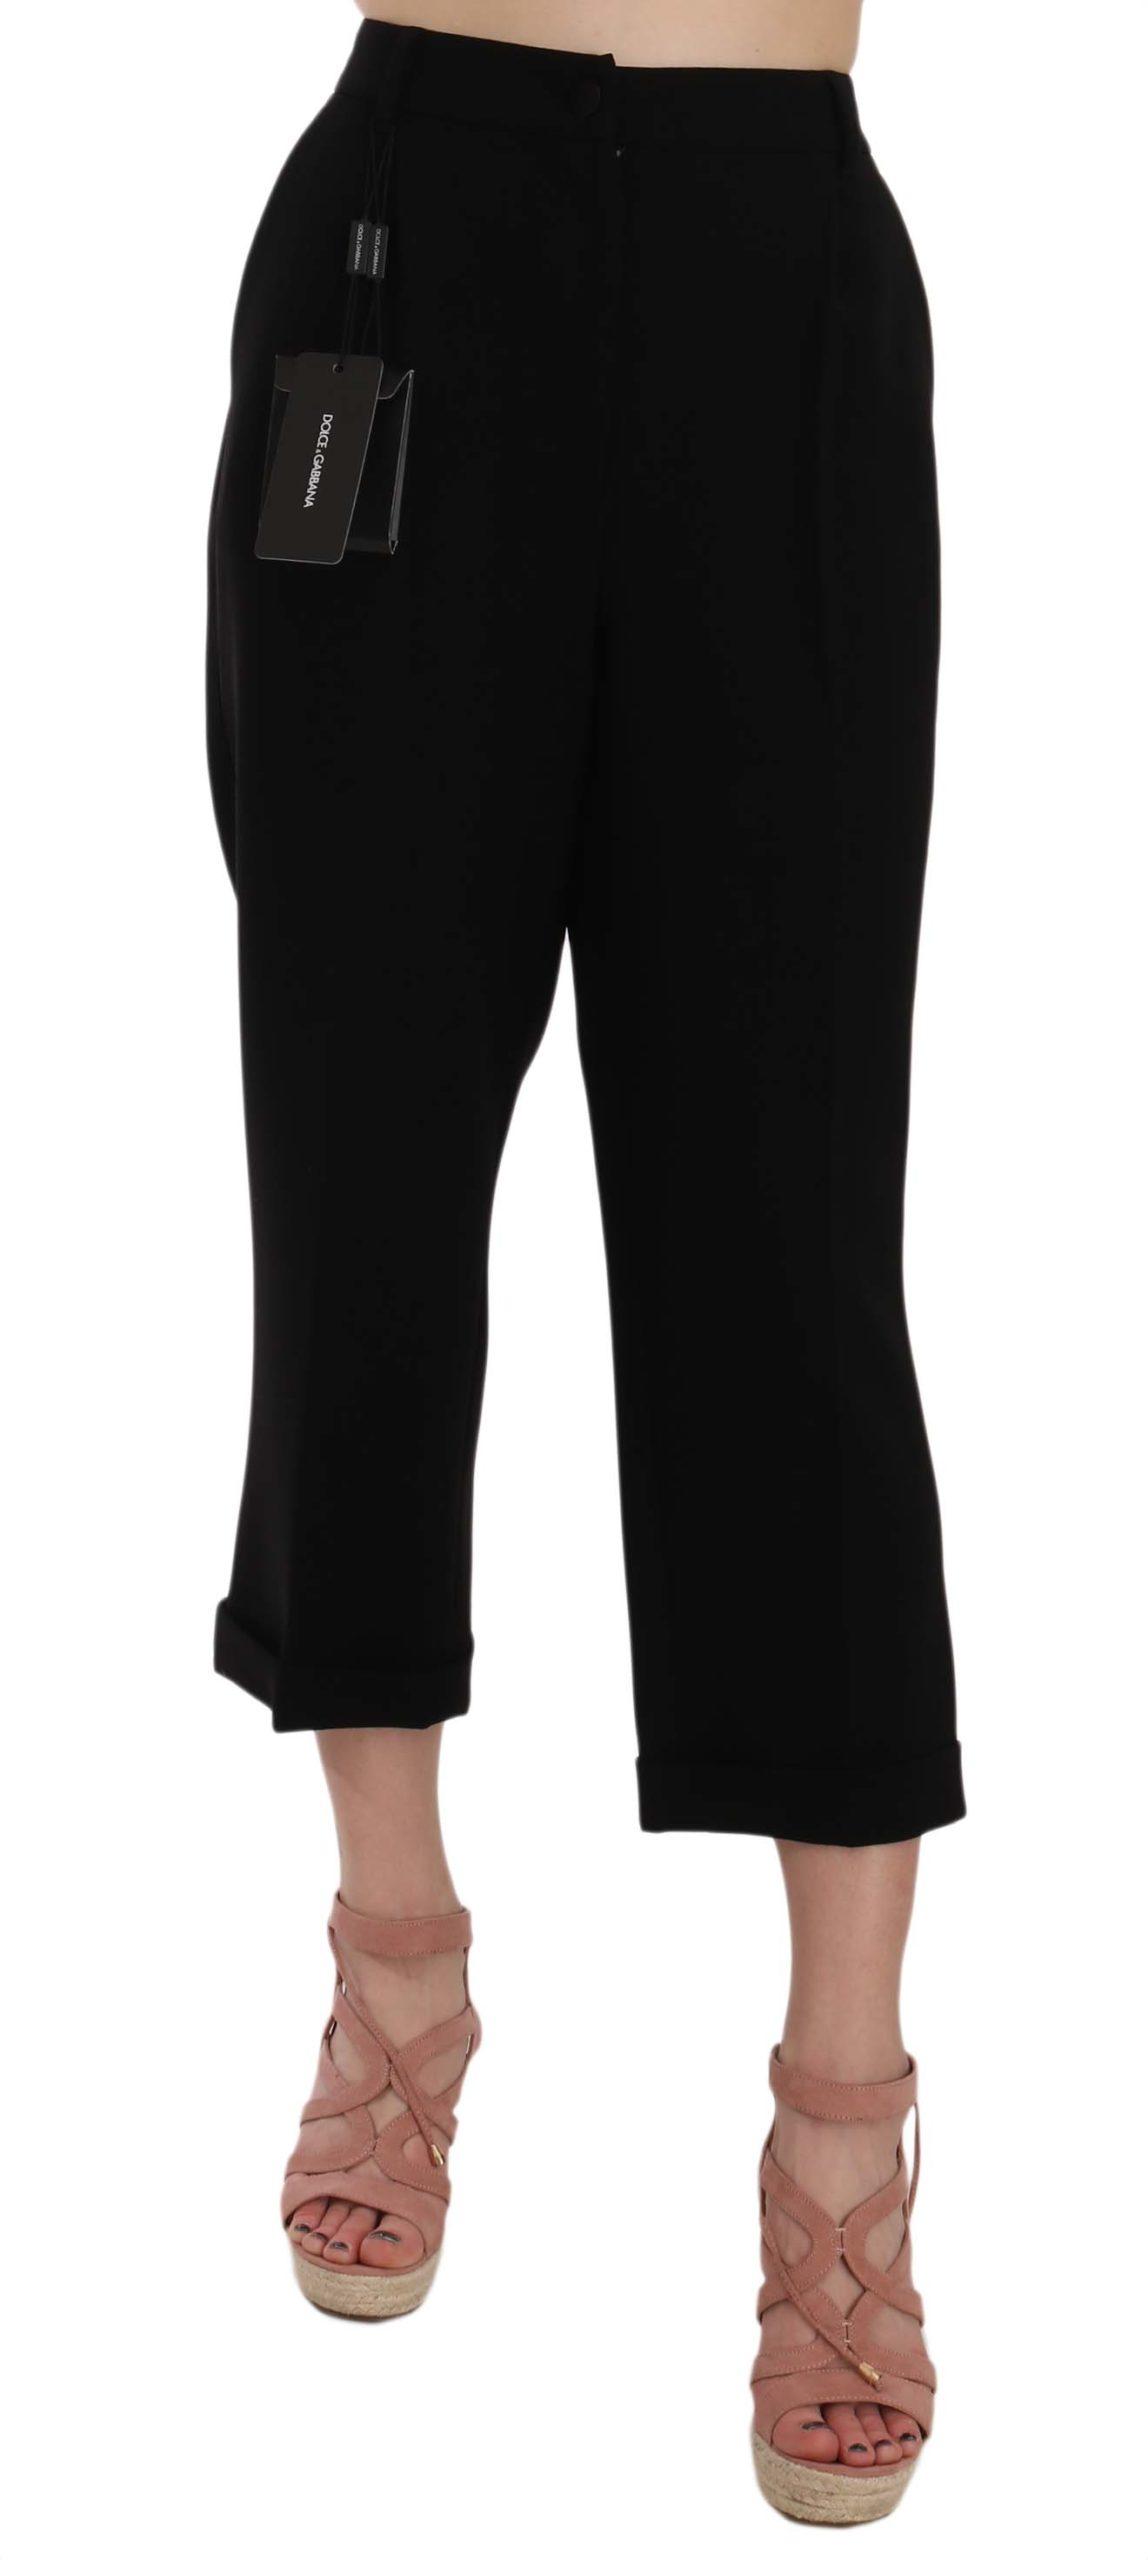 Dolce & Gabbana Women's Trouser Black PAN61026 - IT48|XXL